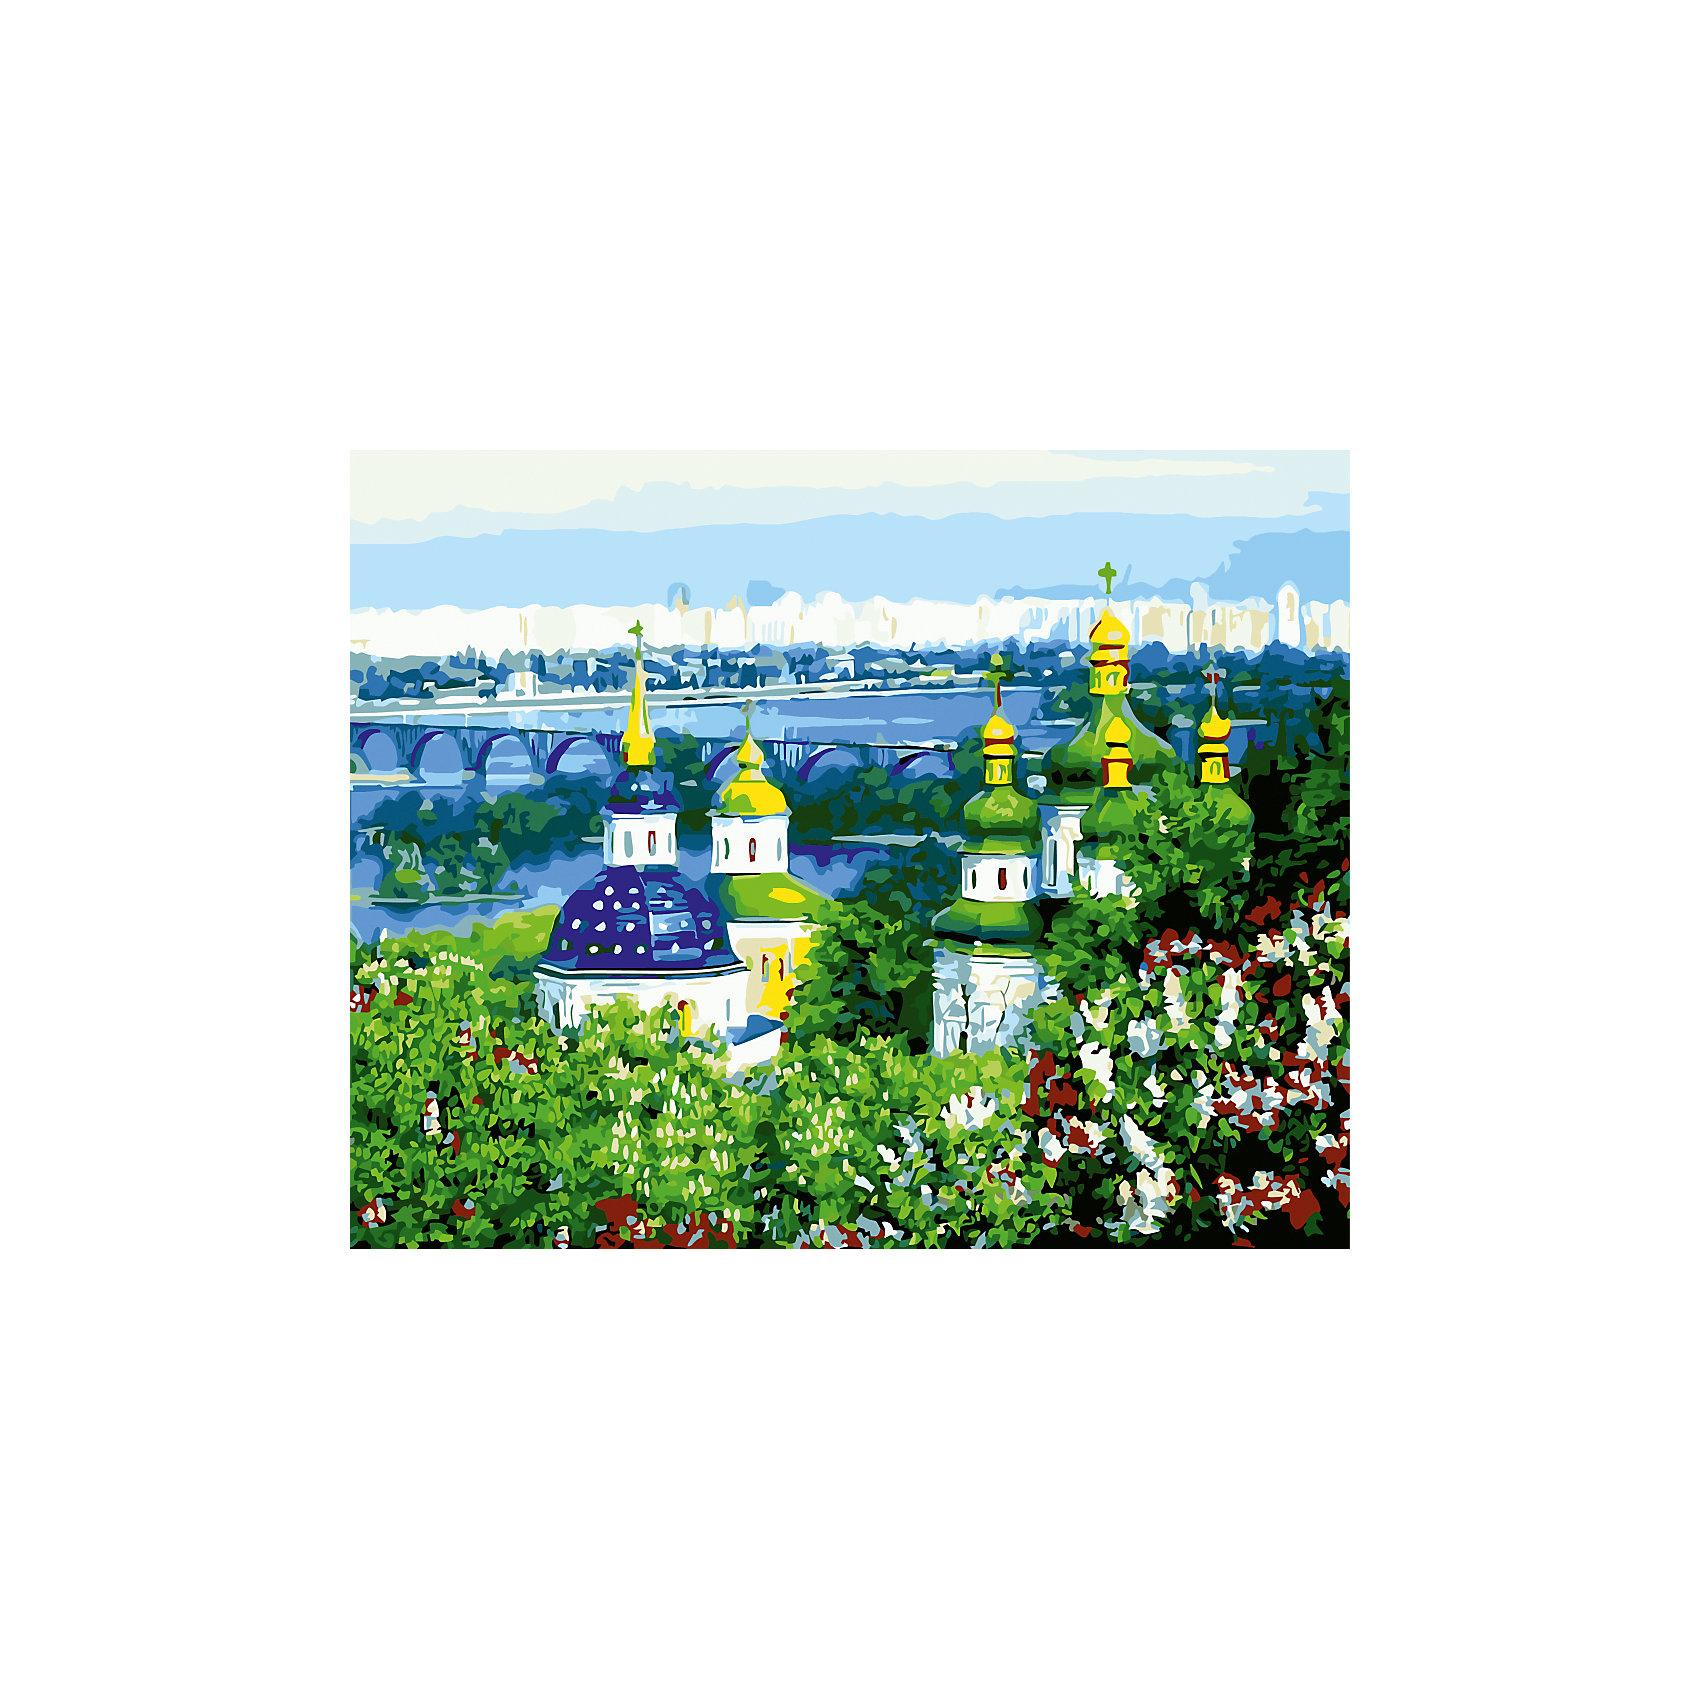 Роспись по номерам Церкви и город 40*50 смРисование<br>Характеристики товара:<br><br>- цвет: разноцветный;<br>- материал: бумага, акрил;<br>- комплектация: холст на подрамнике, кисти, краски, контрольный рисунок, инструкция;<br>- размер картины: 40х50 см;<br>- размер упаковки: 42х52х3 см.<br><br>Этот набор для рисования станет отличным подарком и для ребенка, и для взрослого. Он помогает развить художественные навыки, поверить в свои силы, а в итоге работы получается произведение искусства, которое может украсить интерьер!<br>Основа комплекта - это полотно на подрамнике размером 40 на 50 сантиметров, на которое нанесены контуры рисунка, а участки пронумерованы. Каждому номеру соответствует баночка с краской определенного оттенка. Для удобного нанесения акриловых красок на водной основе в наборе есть три разные кисти, с их помощью даже мелкие детали можно аккуратно и красиво прорисовать. Чтобы контролировать процесс, можно сверяться с контрольным рисунком, на котором изображена готовая картина.<br>Роспись по такой схеме помогает развивать зрительную память, концентрацию внимания, мелкую моторику и цветовосприятие.<br><br>Роспись по номерам Церкви и город 40*50 см можно купить в нашем интернет-магазине.<br><br>Ширина мм: 420<br>Глубина мм: 520<br>Высота мм: 50<br>Вес г: 900<br>Возраст от месяцев: 36<br>Возраст до месяцев: 2147483647<br>Пол: Унисекс<br>Возраст: Детский<br>SKU: 5117382